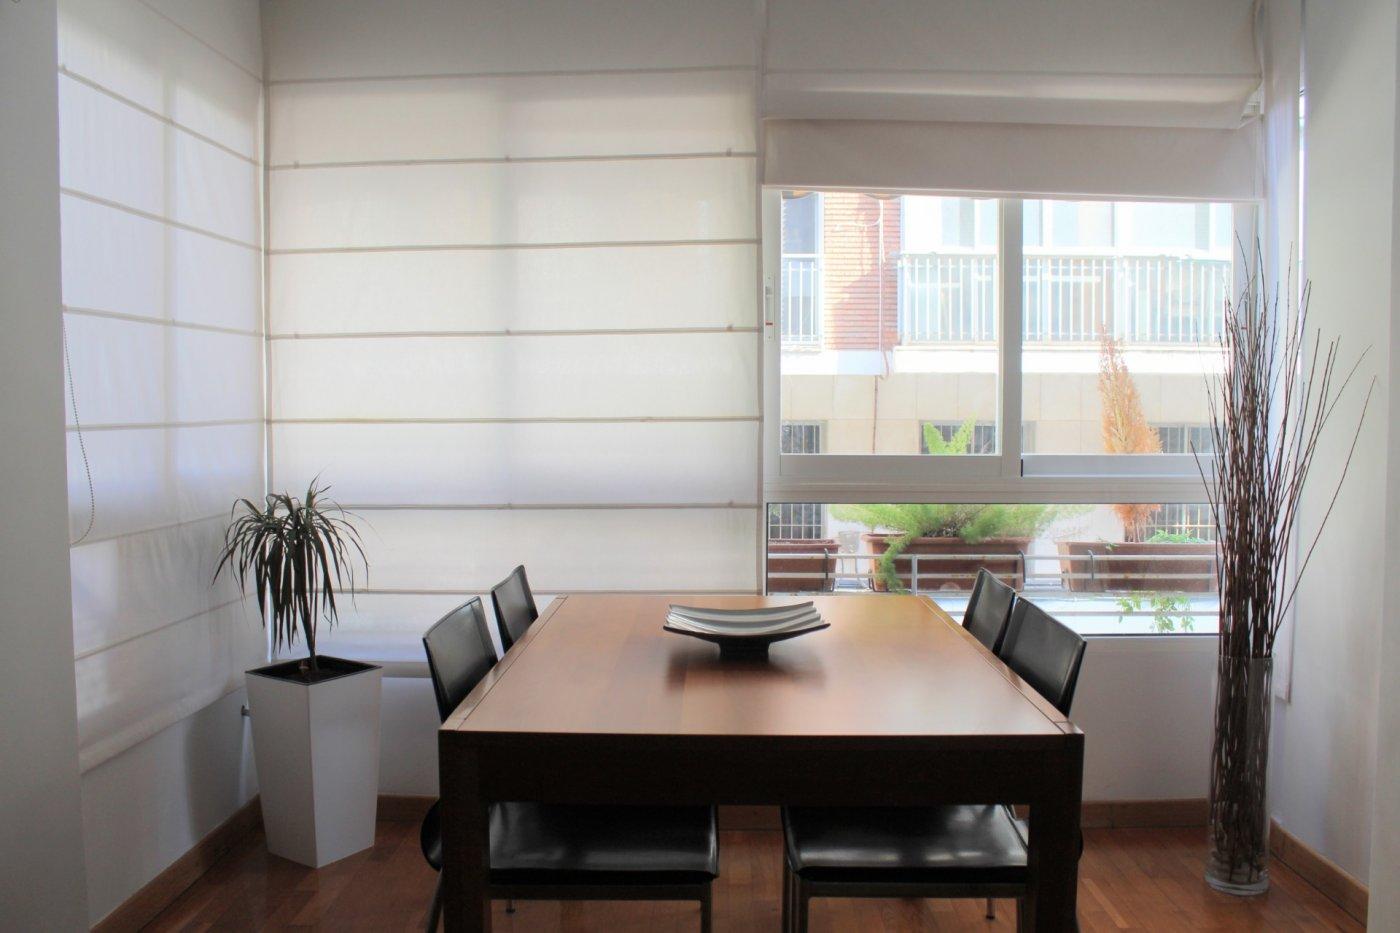 Oportunidad - amplio piso de 106 m2 en el centro de alicante - imagenInmueble0